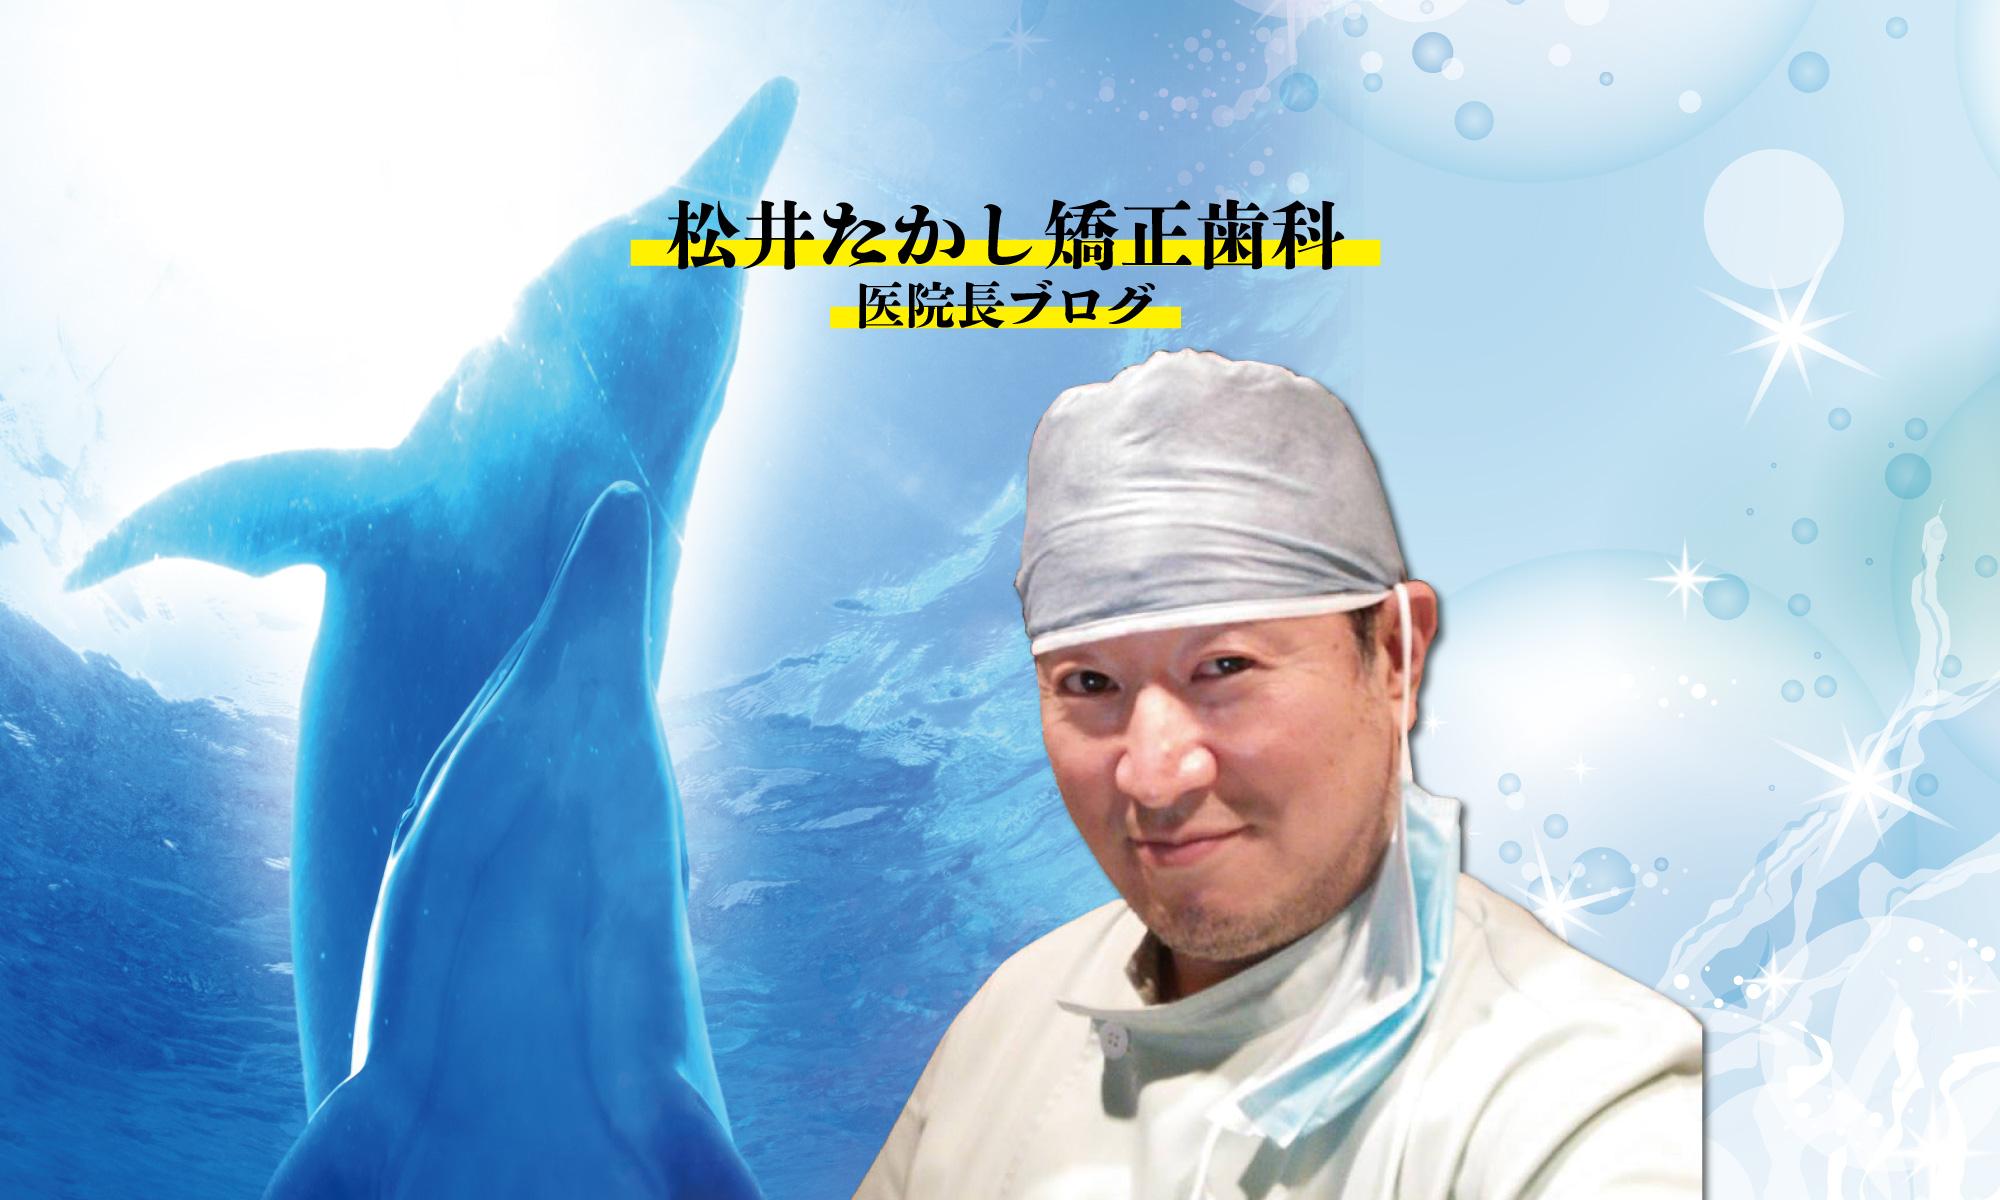 松井たかし矯正歯科クリニック | 医院長ブログ